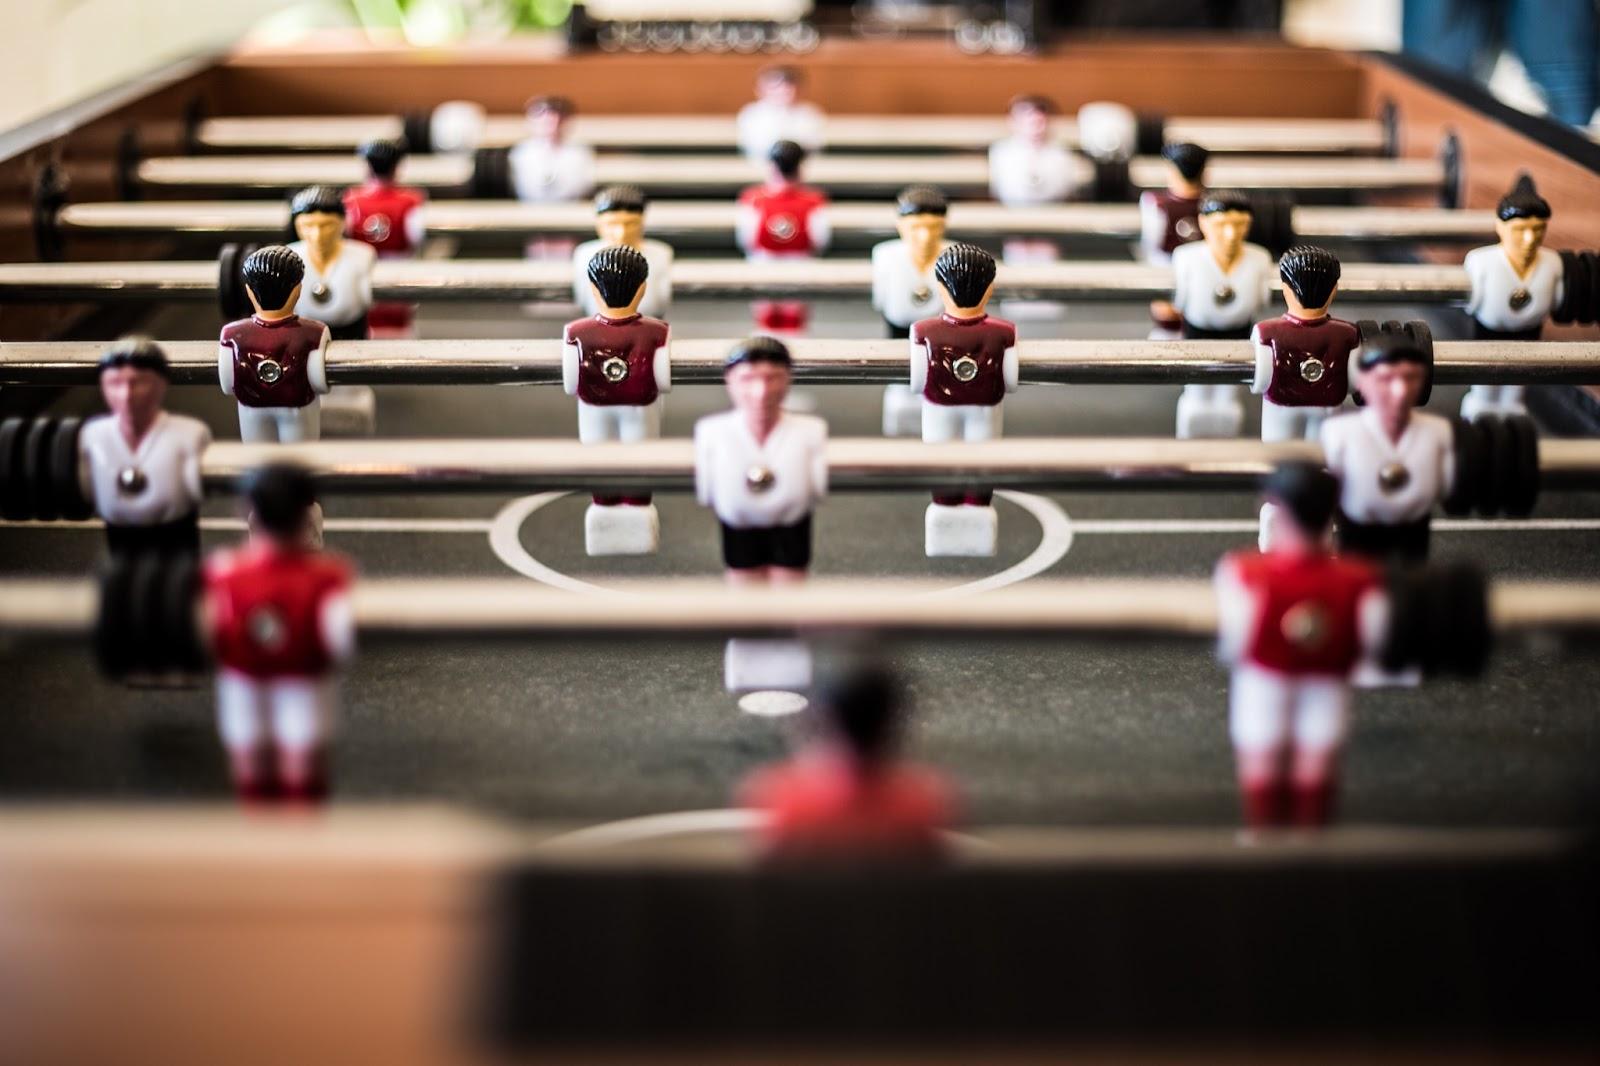 Reskill Upskill และ Rotation กลยุทธ์การพัฒนาพนักงานยุคใหม่ที่บริษัททั่วโลกยอมลงทุน